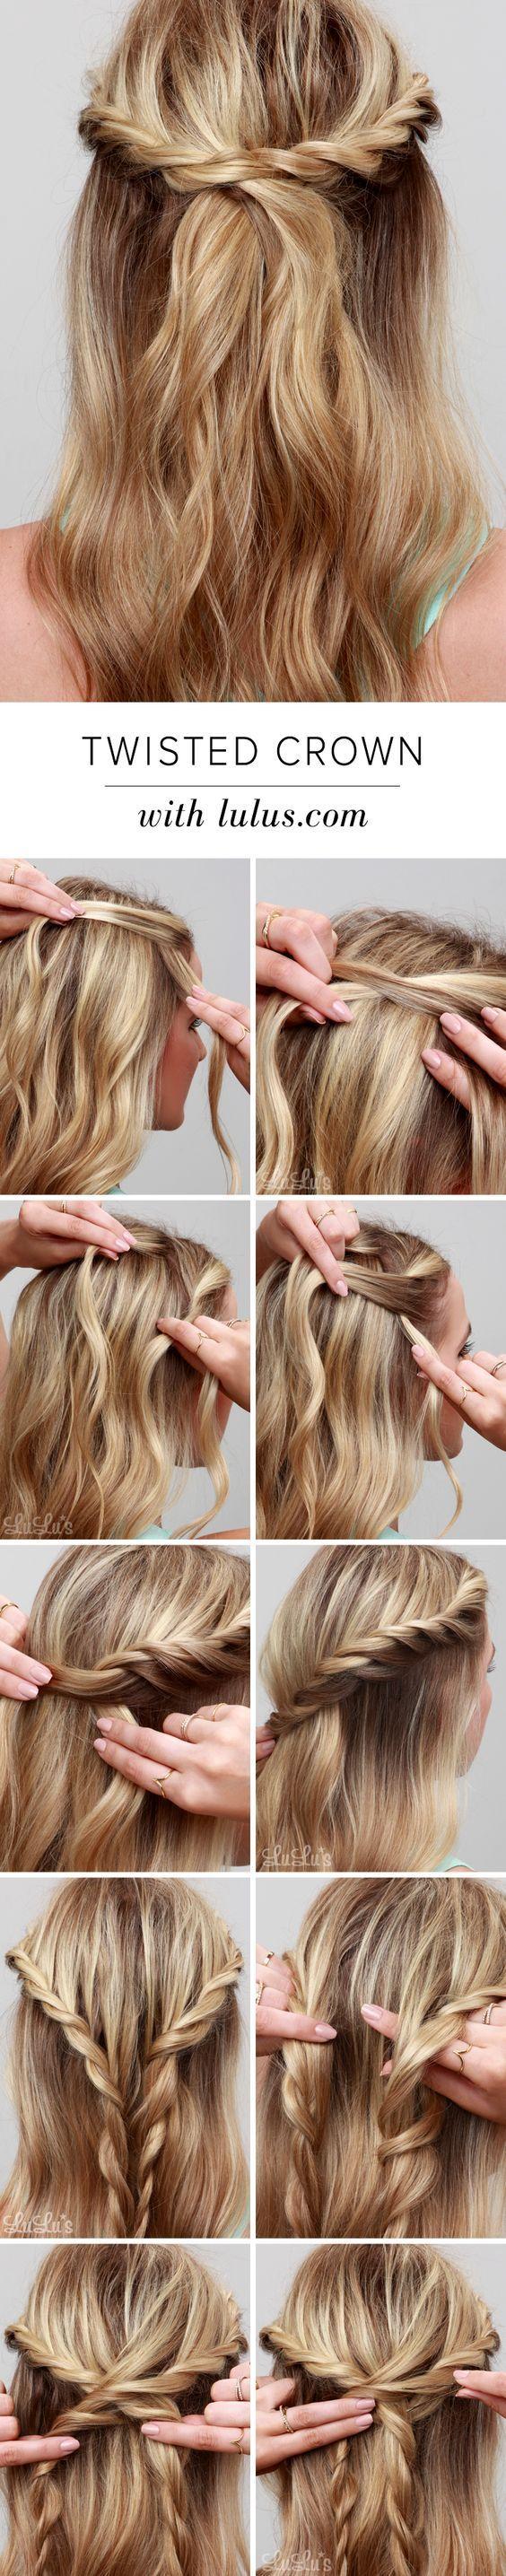 Algunas realmente no nacimos con los dones de hacernos trenzas, pero si tu como yo quieres intentar con peinados que …: